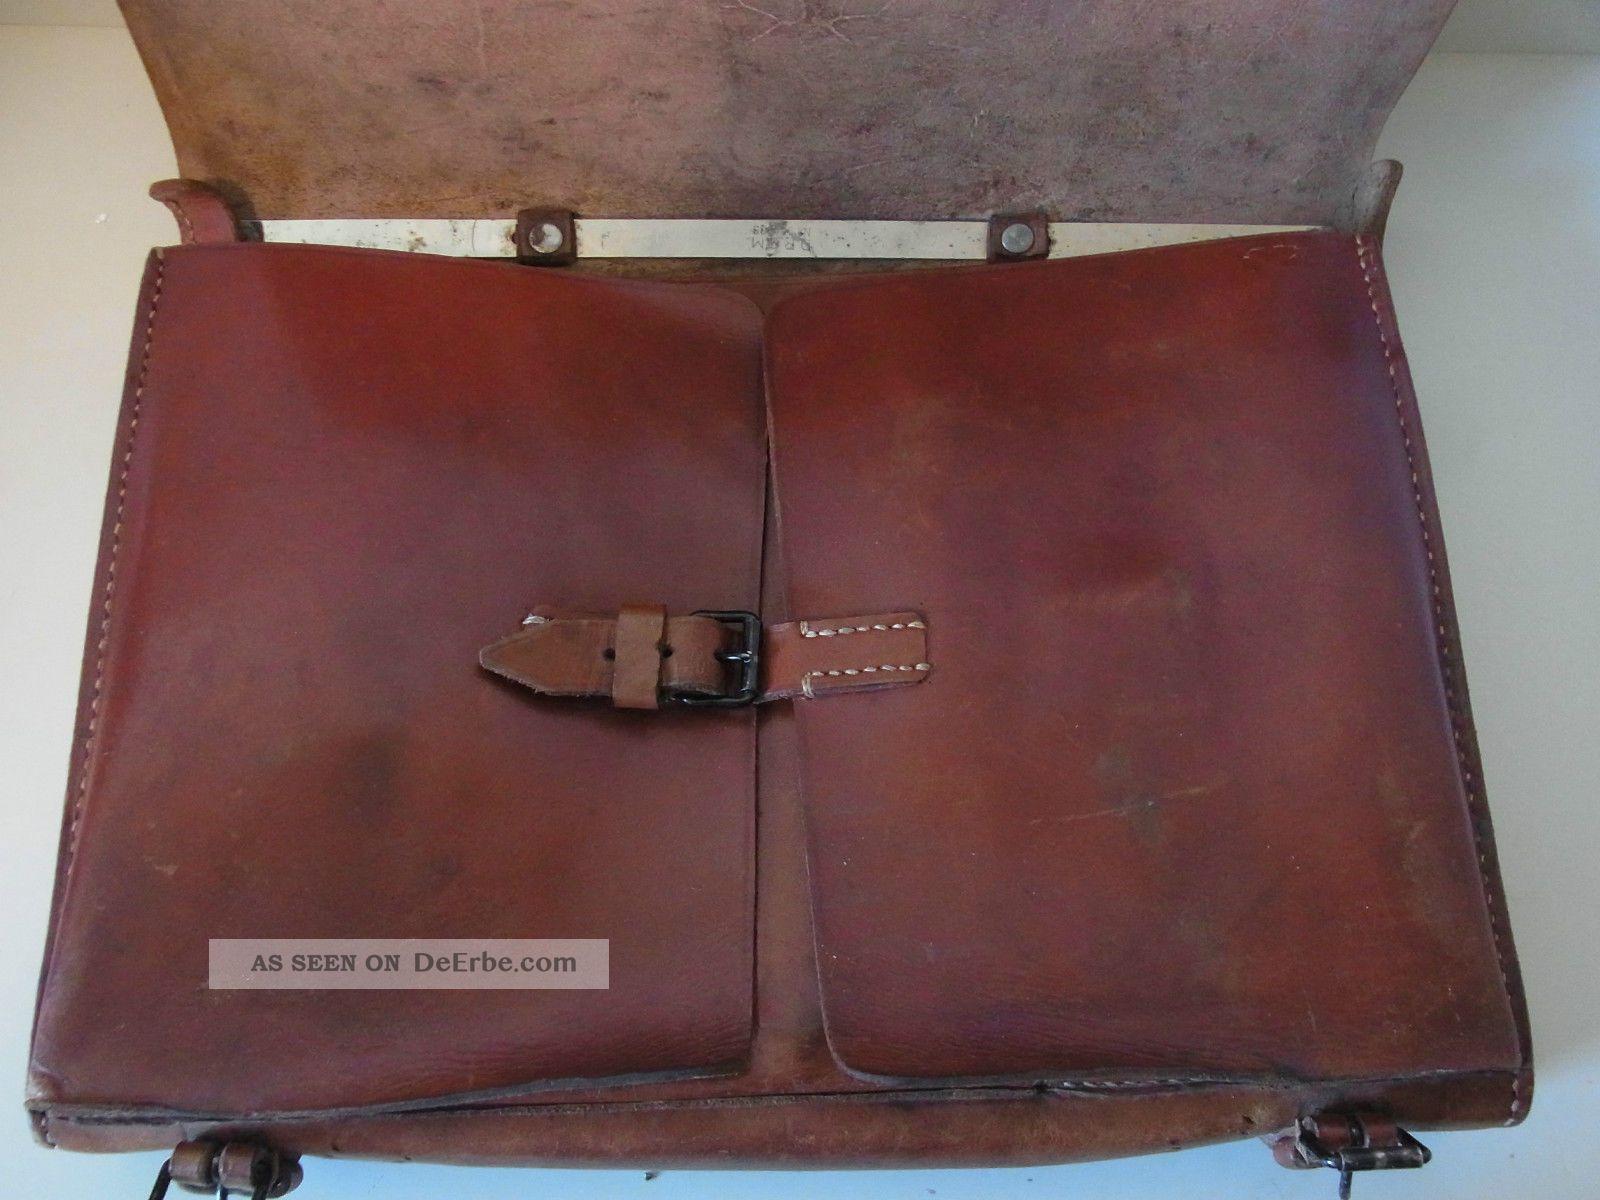 6c2f9db205b14 Dokumentenposttasche Aus 1943   Wehrmacht Aus Hochwertigem Leder Bild